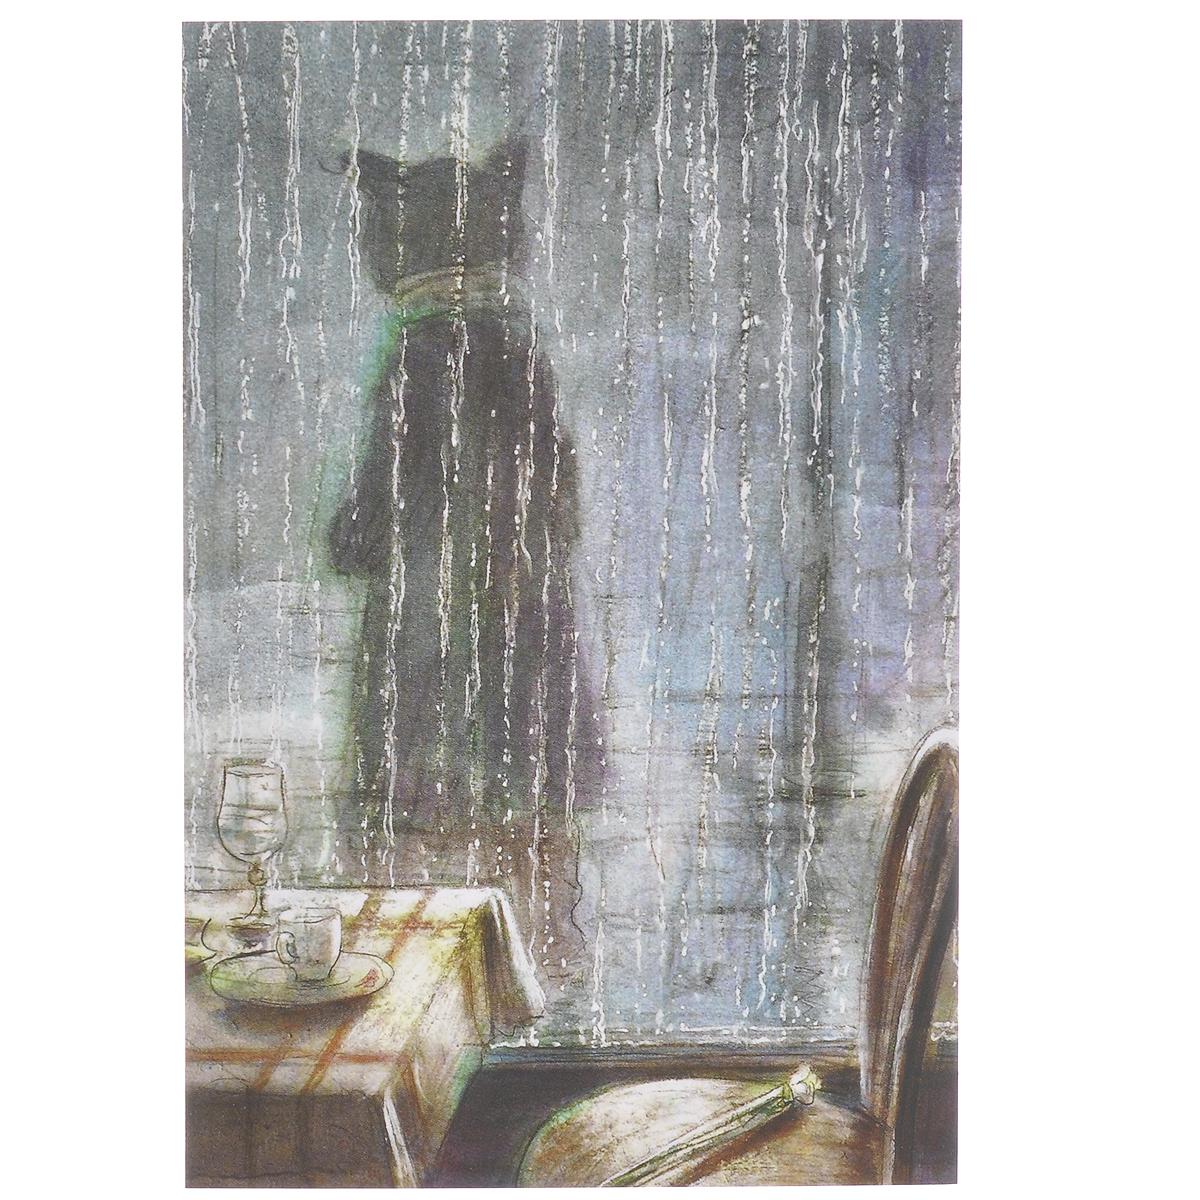 Открытка В дождь. Из набора Парижский Кот-художник. Автор: Андрей Аринушкин117918Оригинальная дизайнерская открытка В дождь из набора Парижский Кот-художник выполнена из плотного матового картона. На лицевой стороне расположена репродукция картины художника Андрея Аринушкина. На задней стороне имеется поле для записей. Такая открытка станет великолепным дополнением к подарку или оригинальным почтовым посланием, которое, несомненно, удивит получателя своим дизайном и подарит приятные воспоминания.